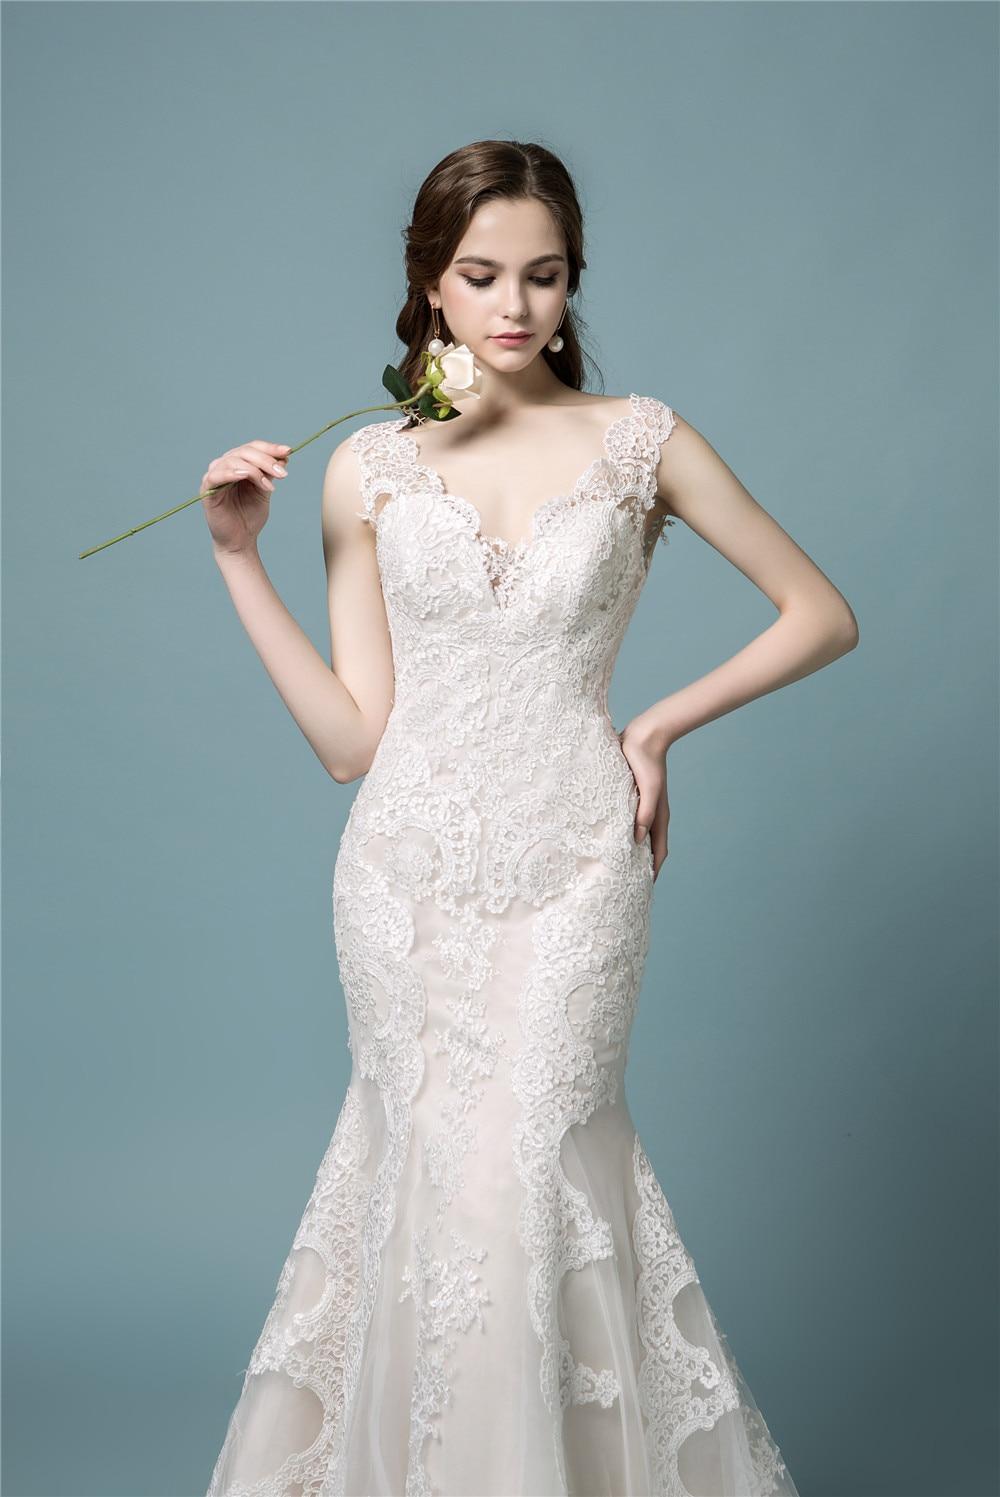 Vestidos De Novia 2018 Bridal Gowns Vintage – myonlineshop.co.nz